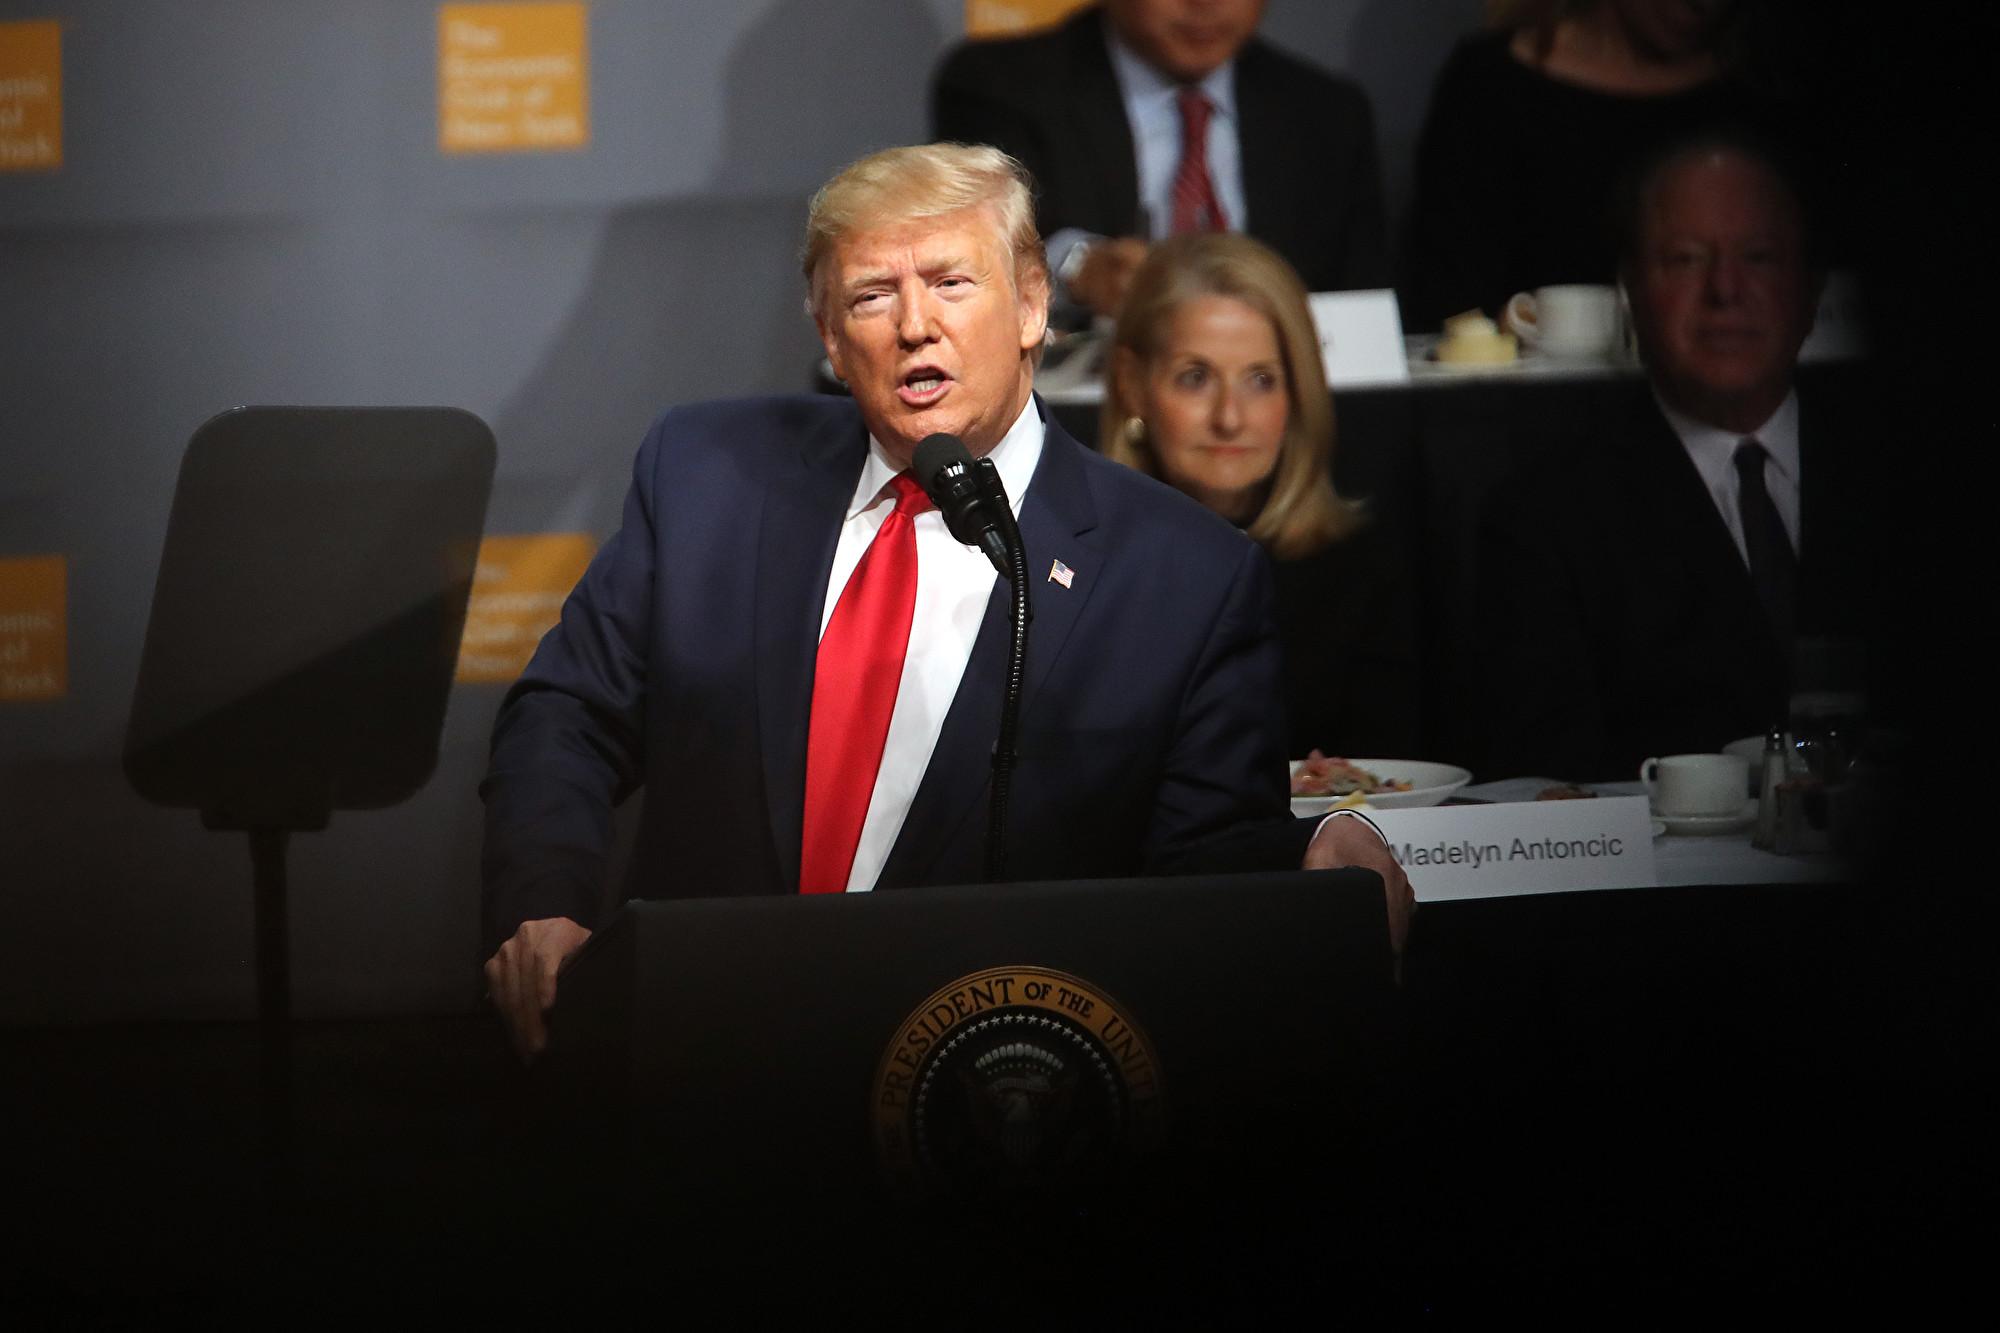 2019年11月12日中午美國總統特朗普在紐約經濟俱樂部(New York Economic Club)演講,預計重點在美國經濟,或涉及最新的中美貿易談判進展。(Spencer Platt/Getty Images)